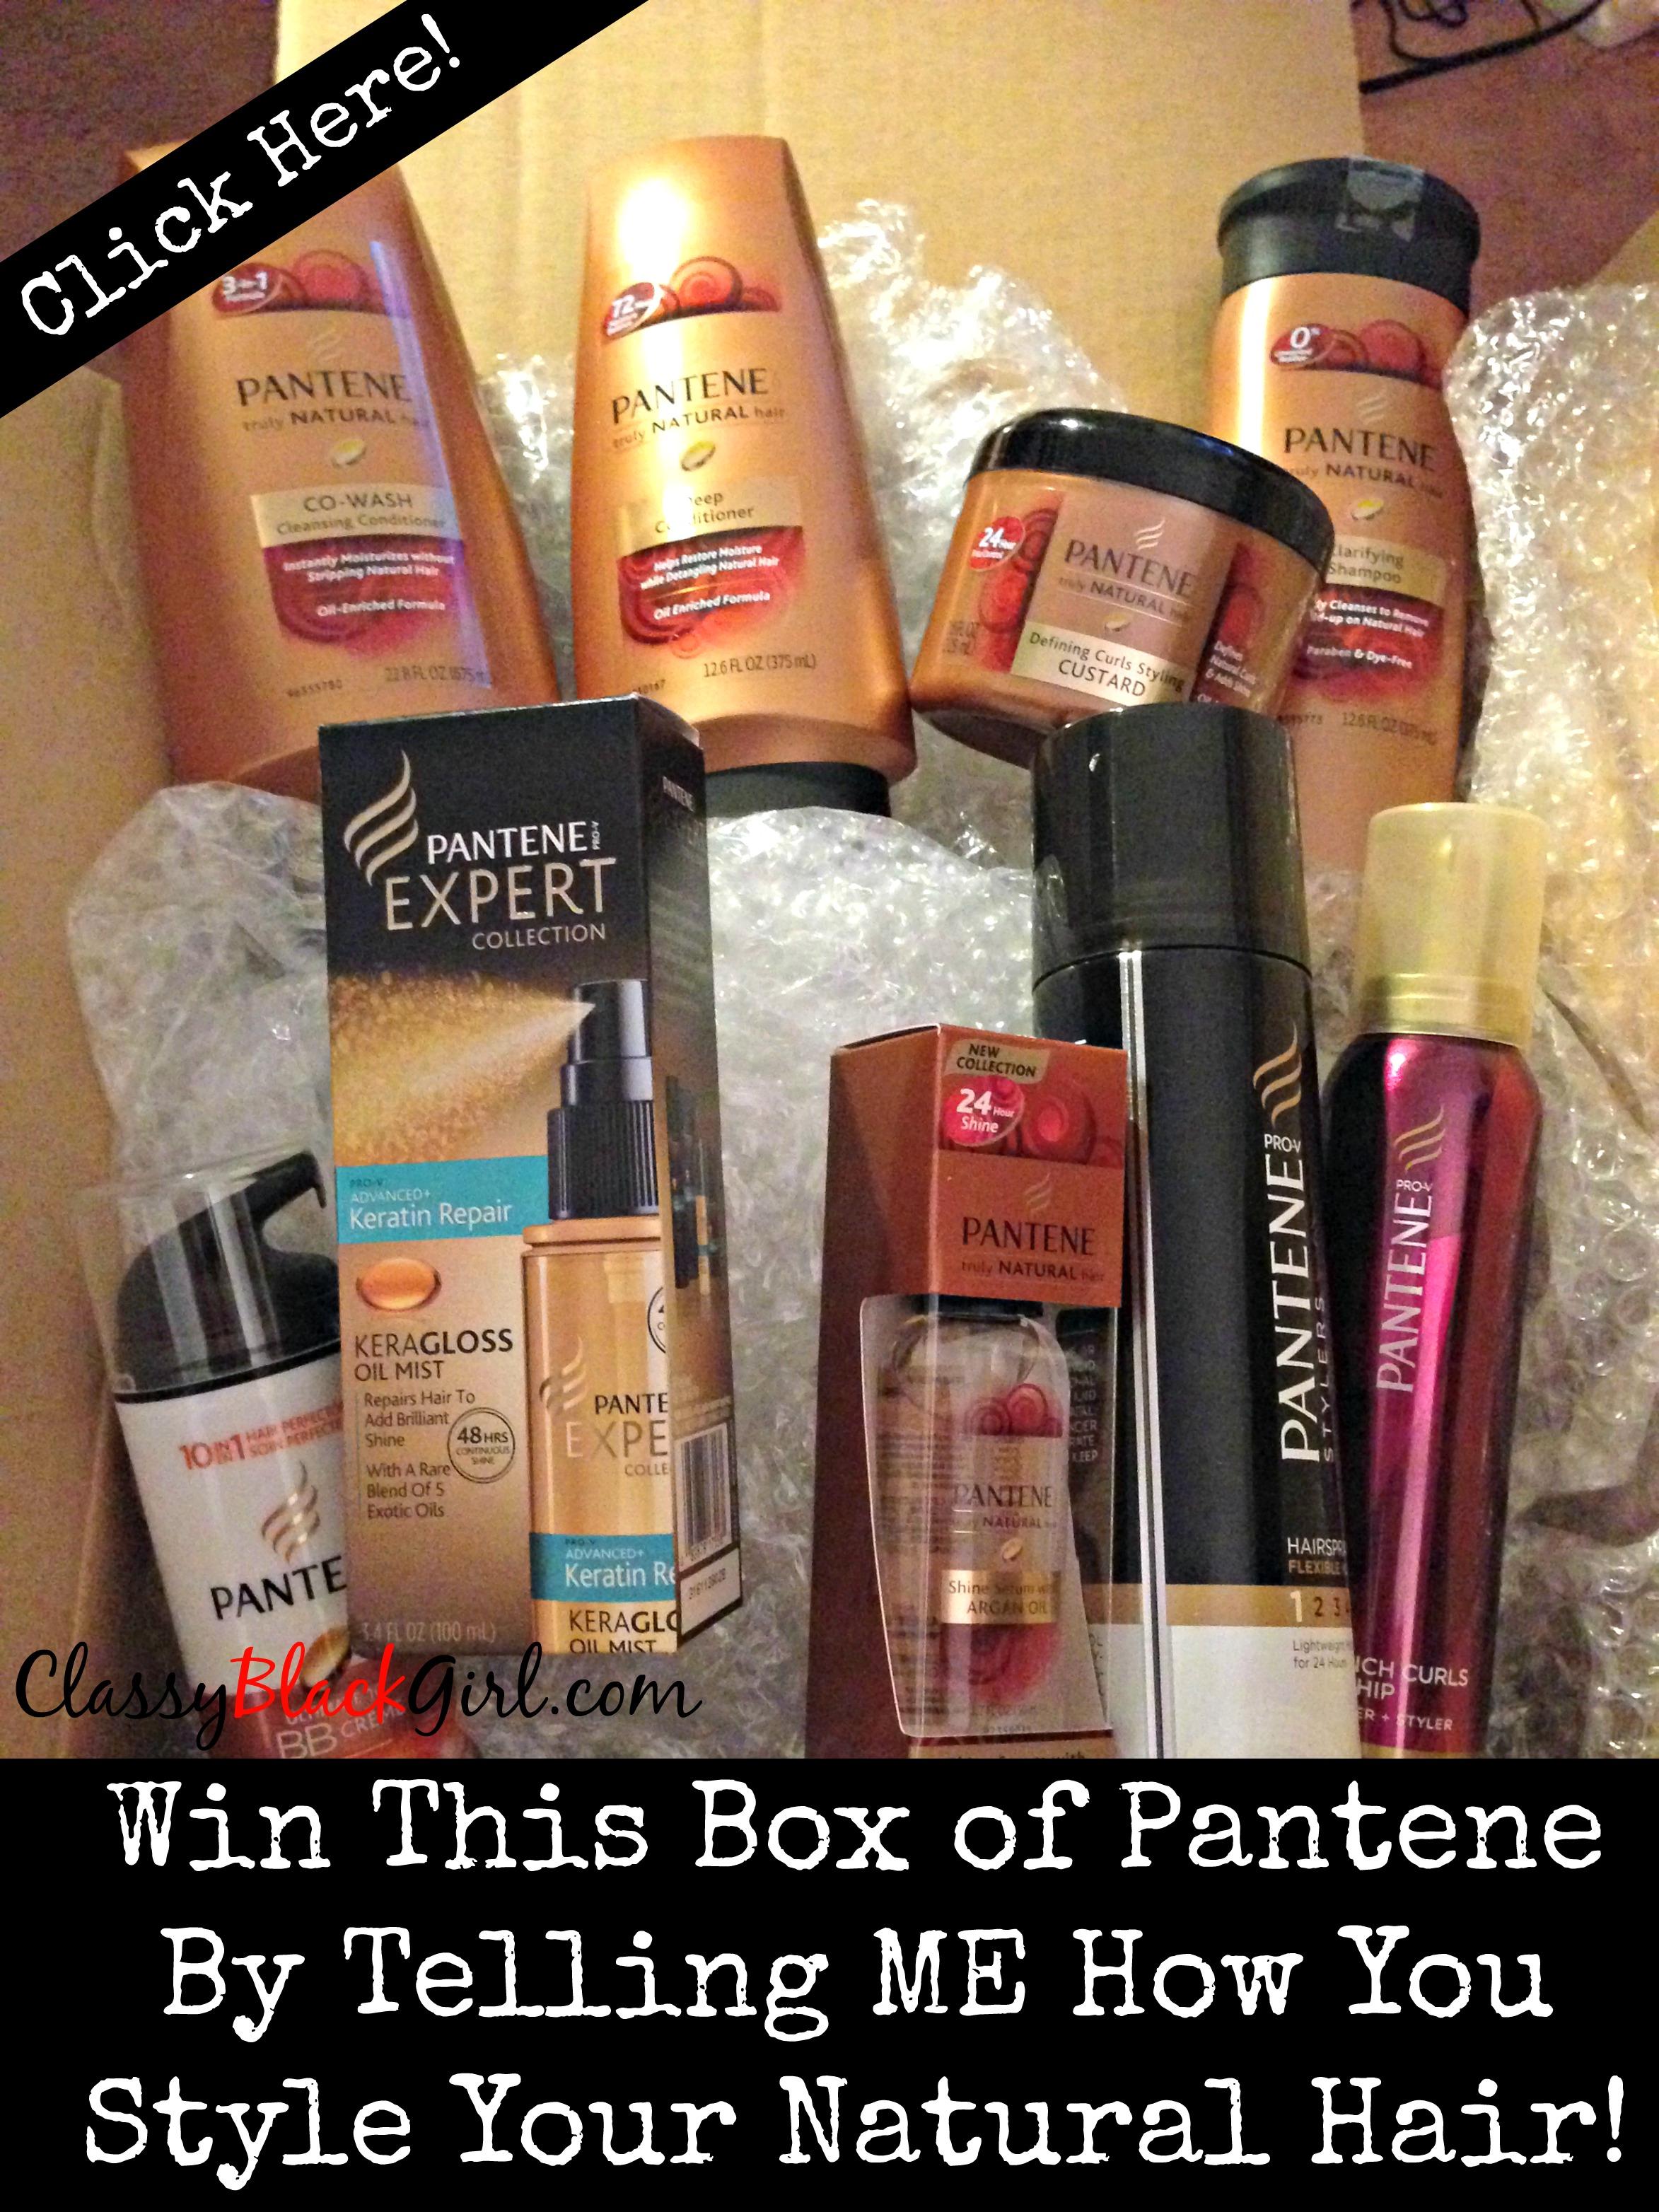 #wantthathair #clevergirls ClassyBlackGirl Pantene Win Contest Sharelle D. Lowery Natural Hair